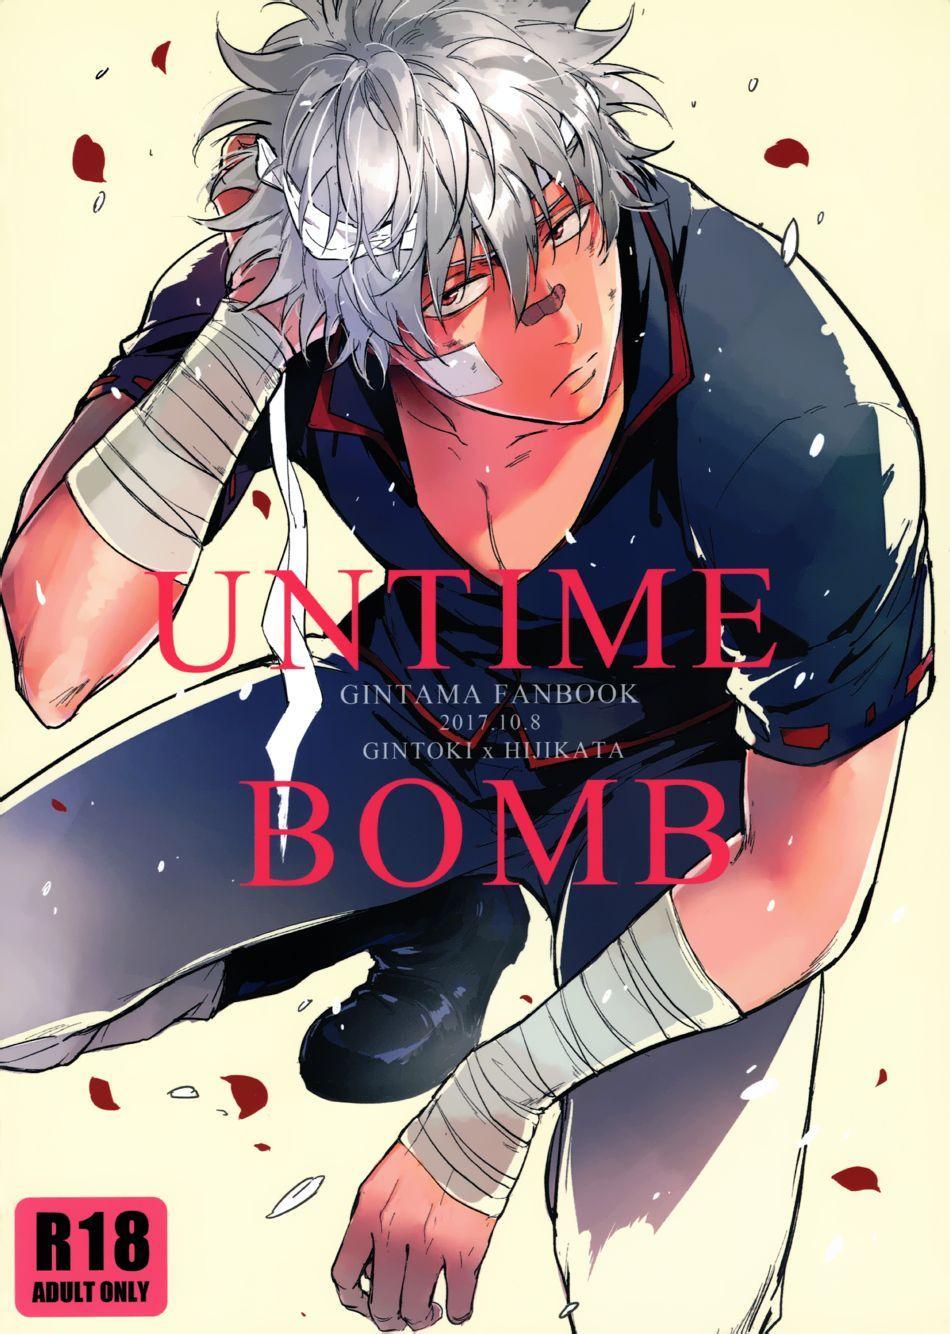 UNTIME BOMB 0